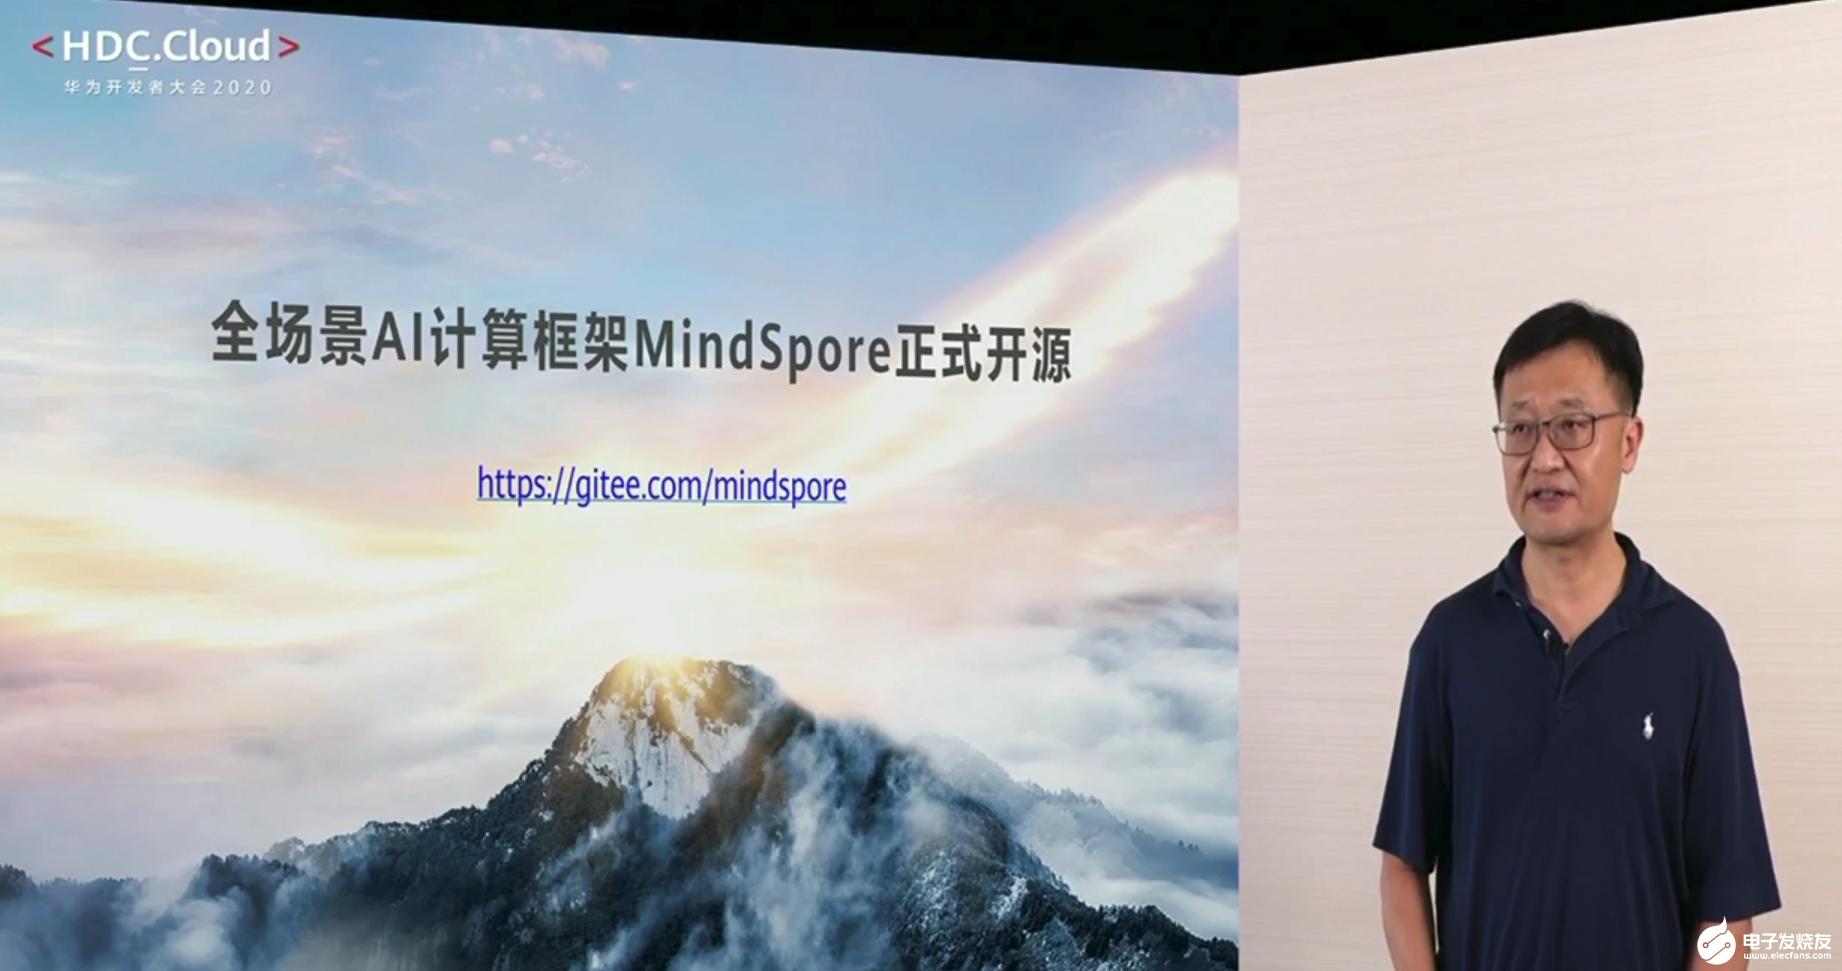 华为对外开源MindSpore 效率整体提升 5...